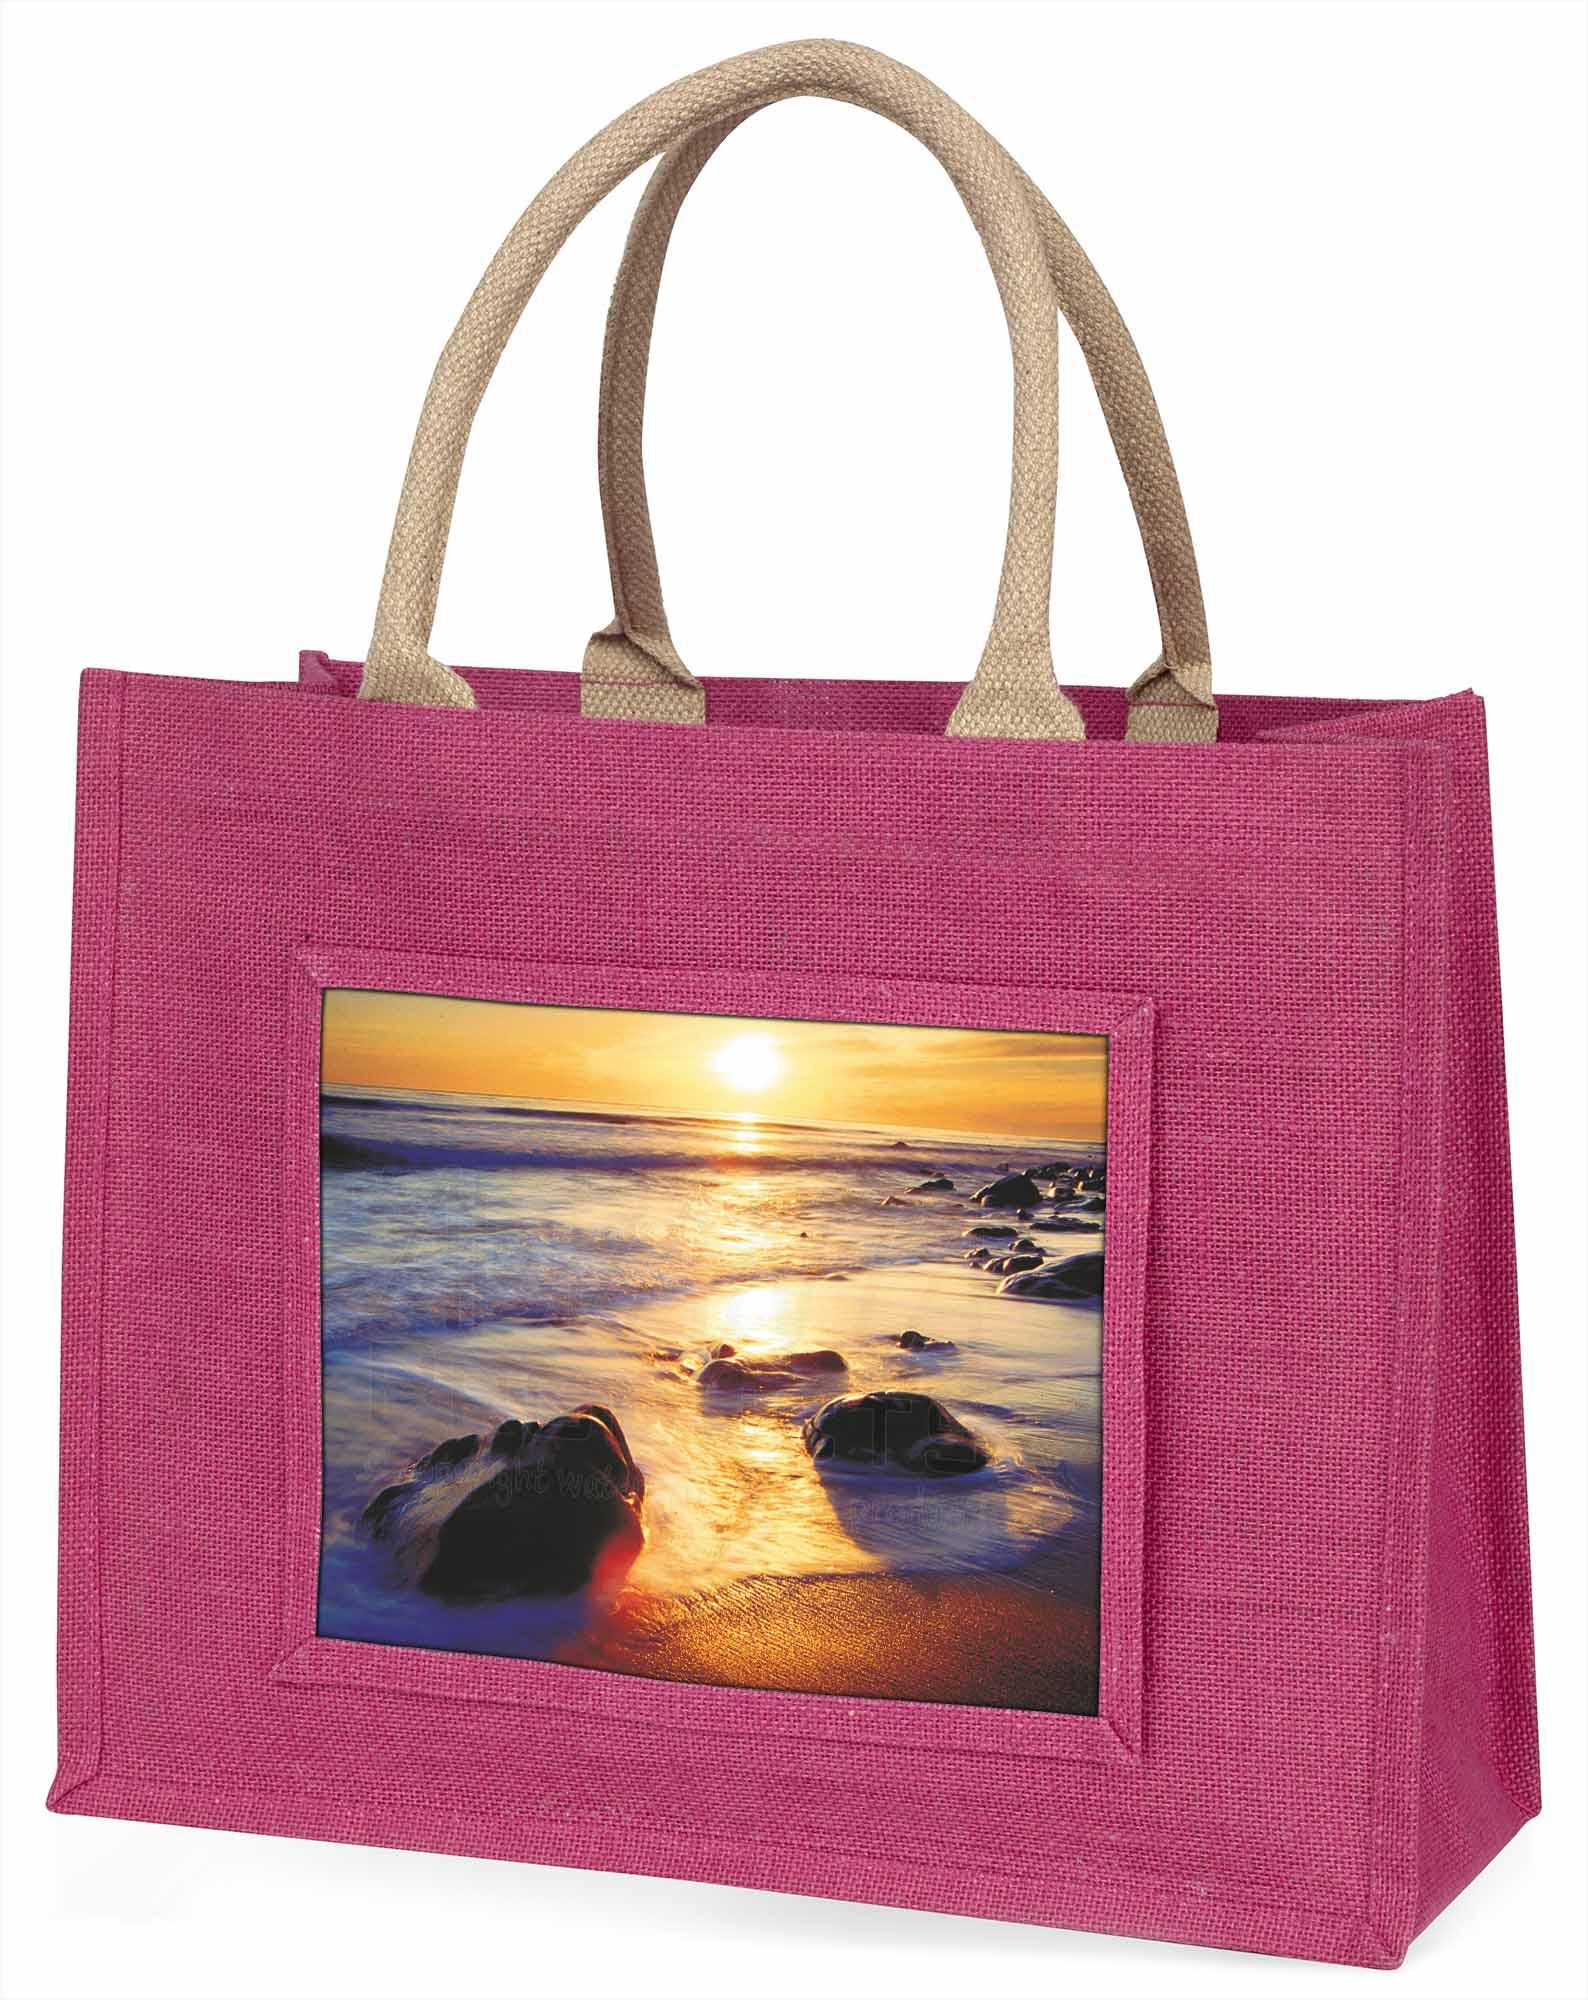 6d8de089e39f0 Abgeschieden Sonnenuntergang Strand große rosa Einkaufstasche